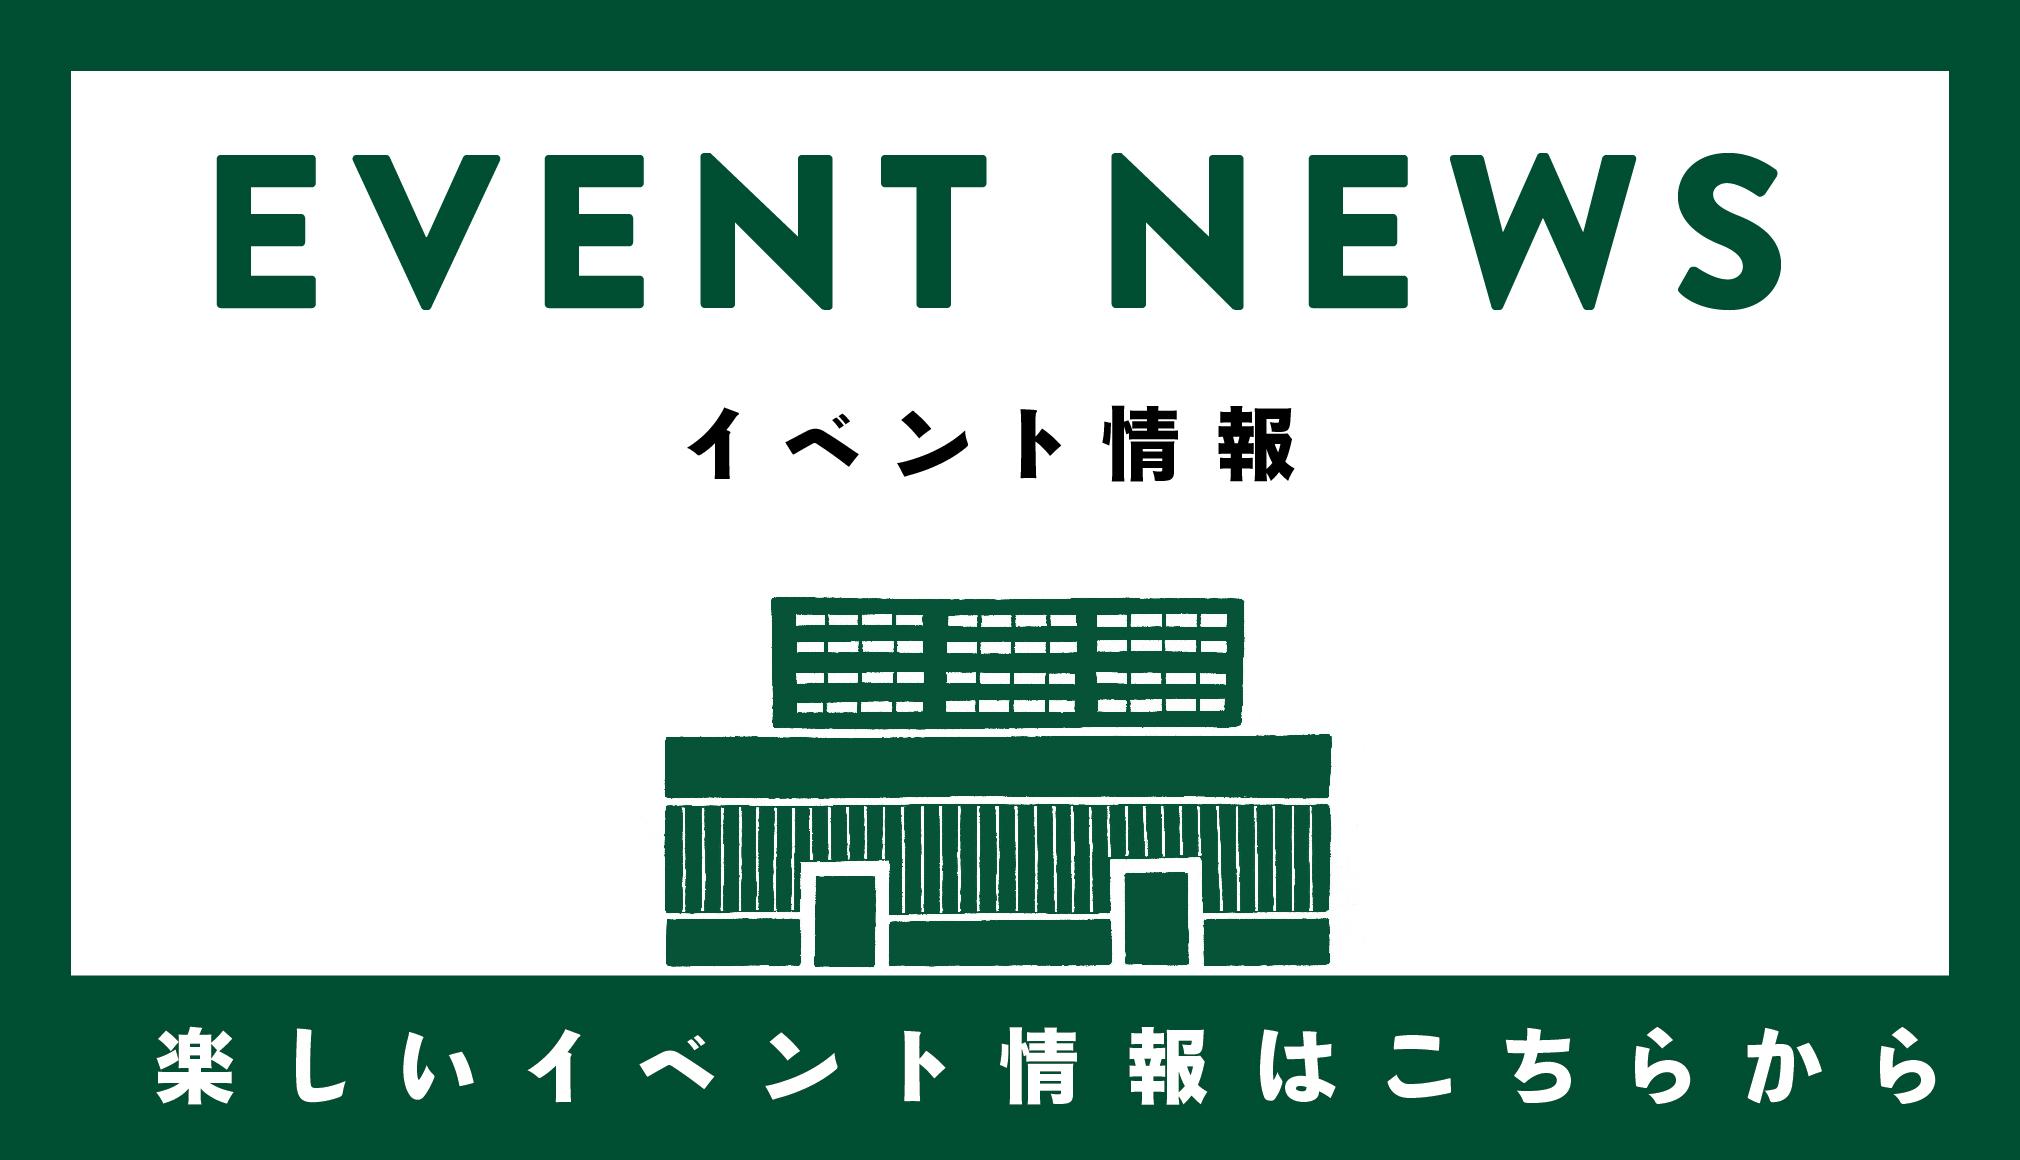 イベントニュース